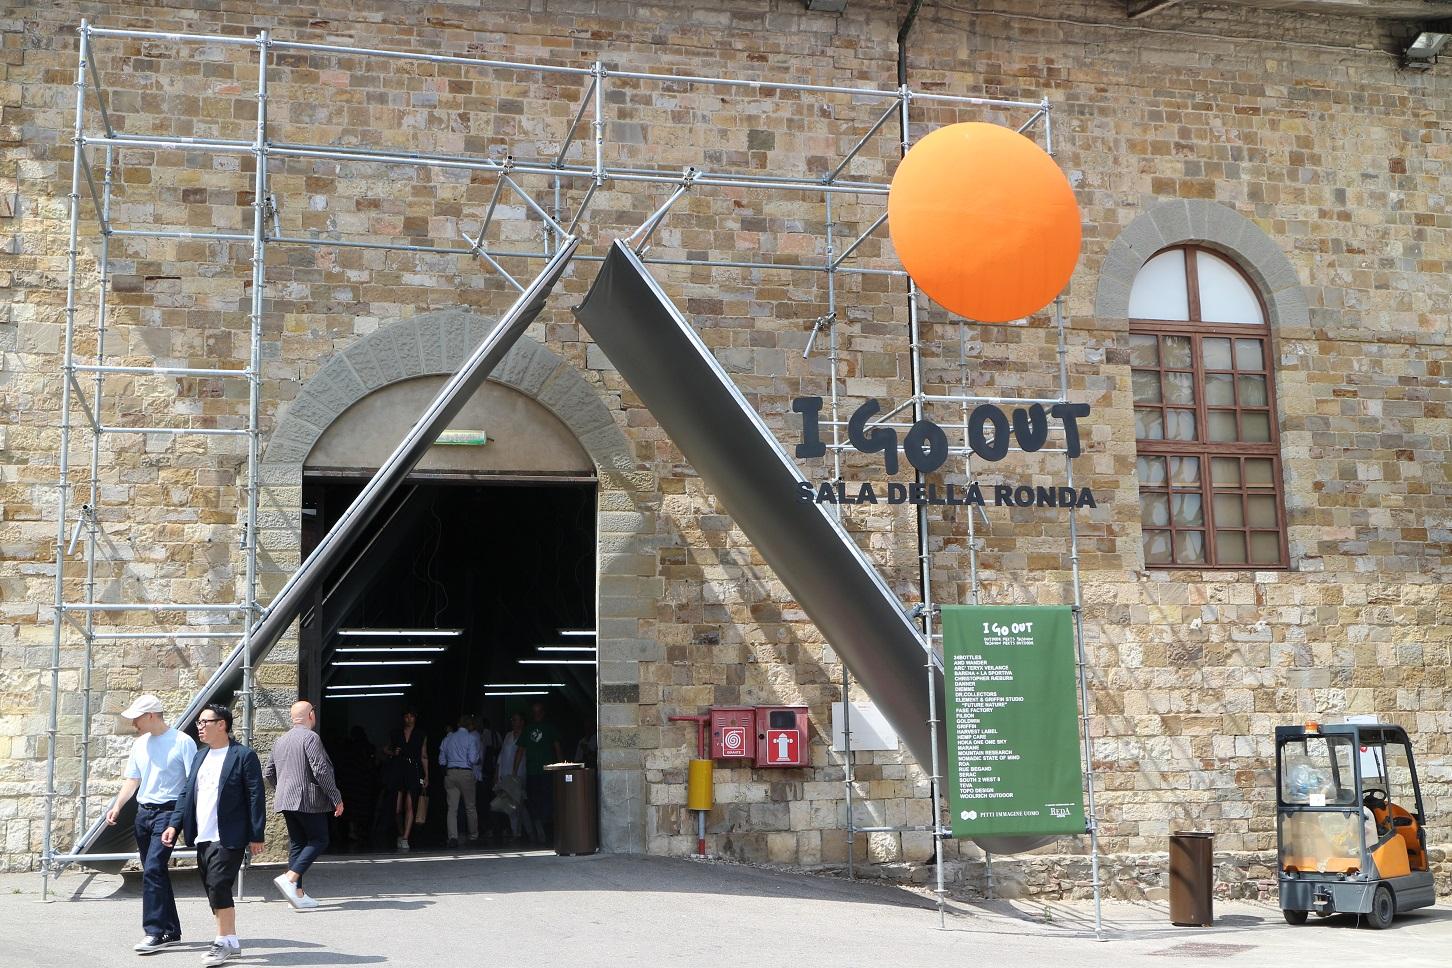 I Got Out: projeto dentro da feira foi inspirado no equilíbrio entre o homem e o meio ambiente (Foto: Janaina Cesar)